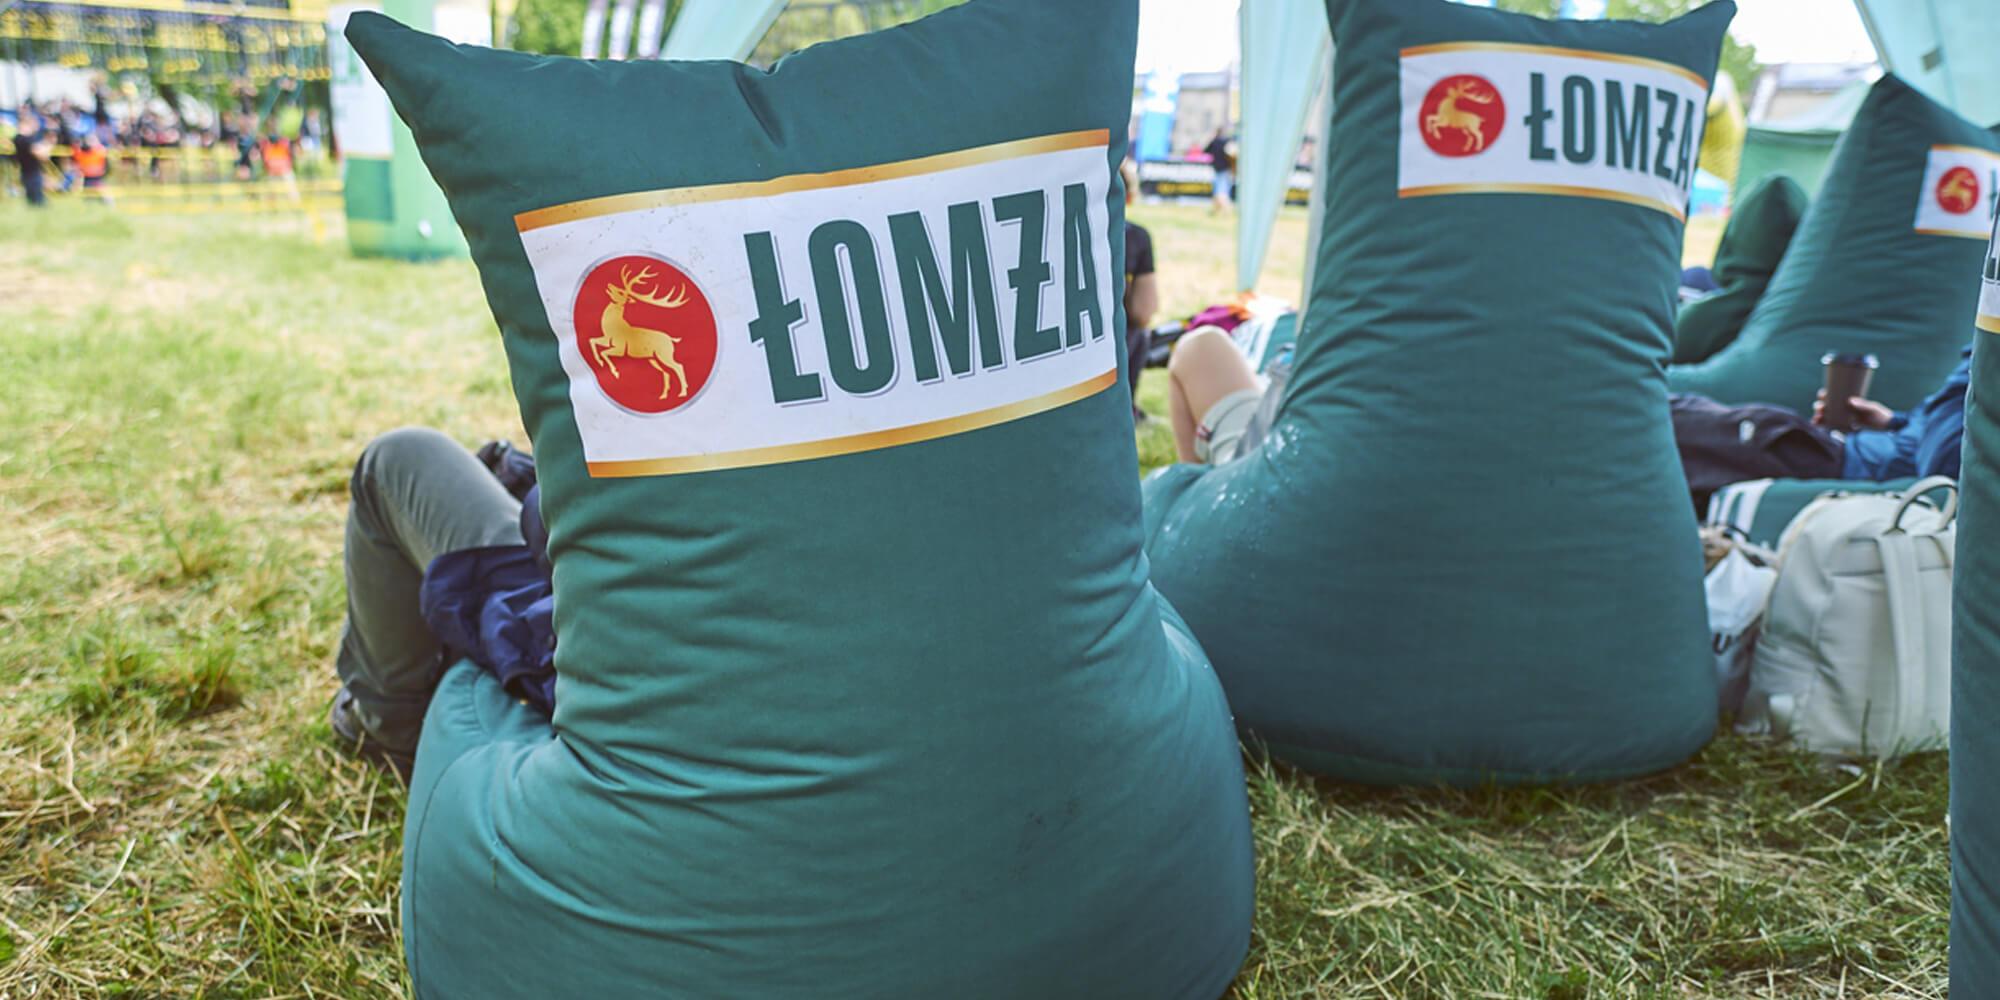 Fotel reklamowy z logo Łomża podczas eventu w plenerze